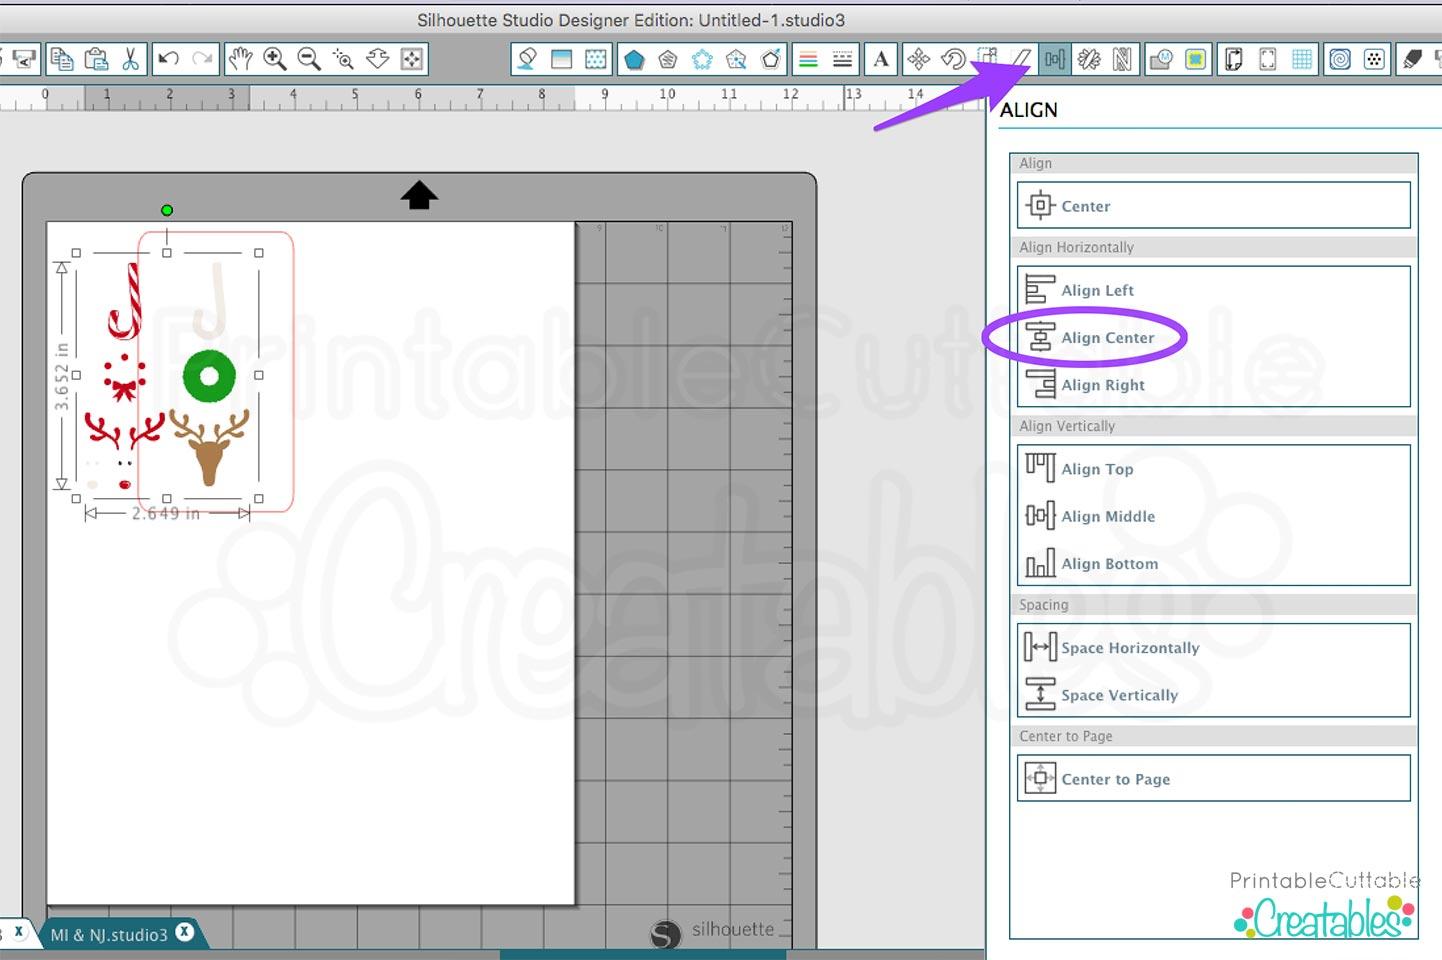 Silhouette Studio Designer Edition Align Panel